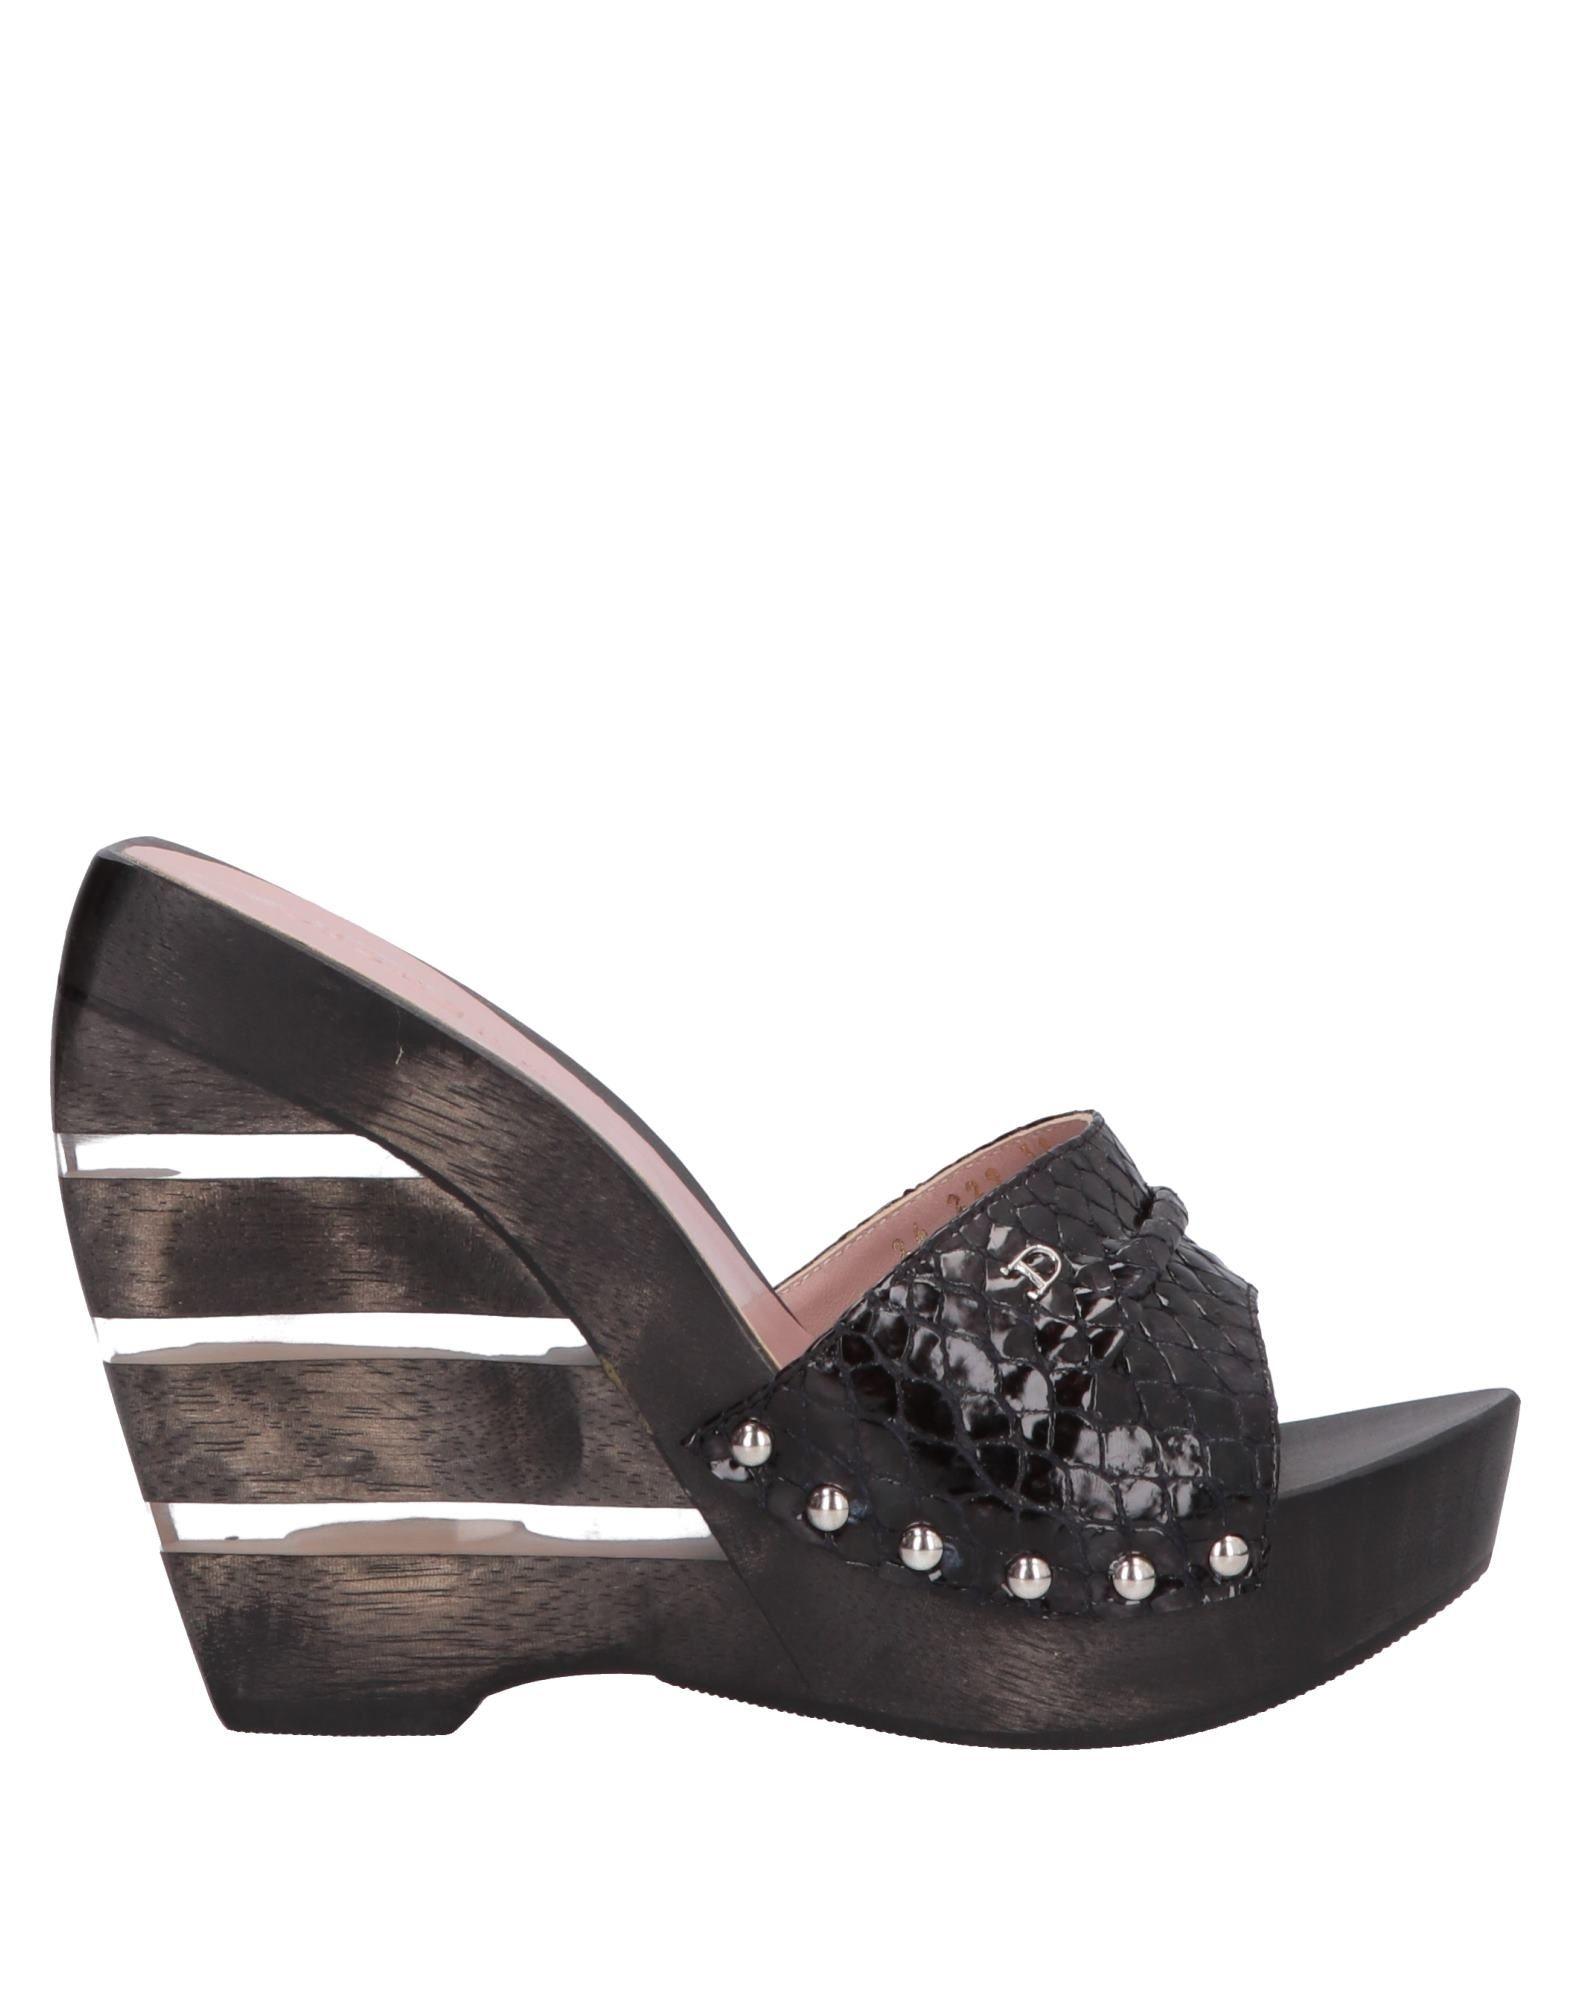 Dibrera By Paolo Zanoli Sandals Sandals Sandals - Women Dibrera By Paolo Zanoli Sandals online on  Australia - 11568510FG a84545